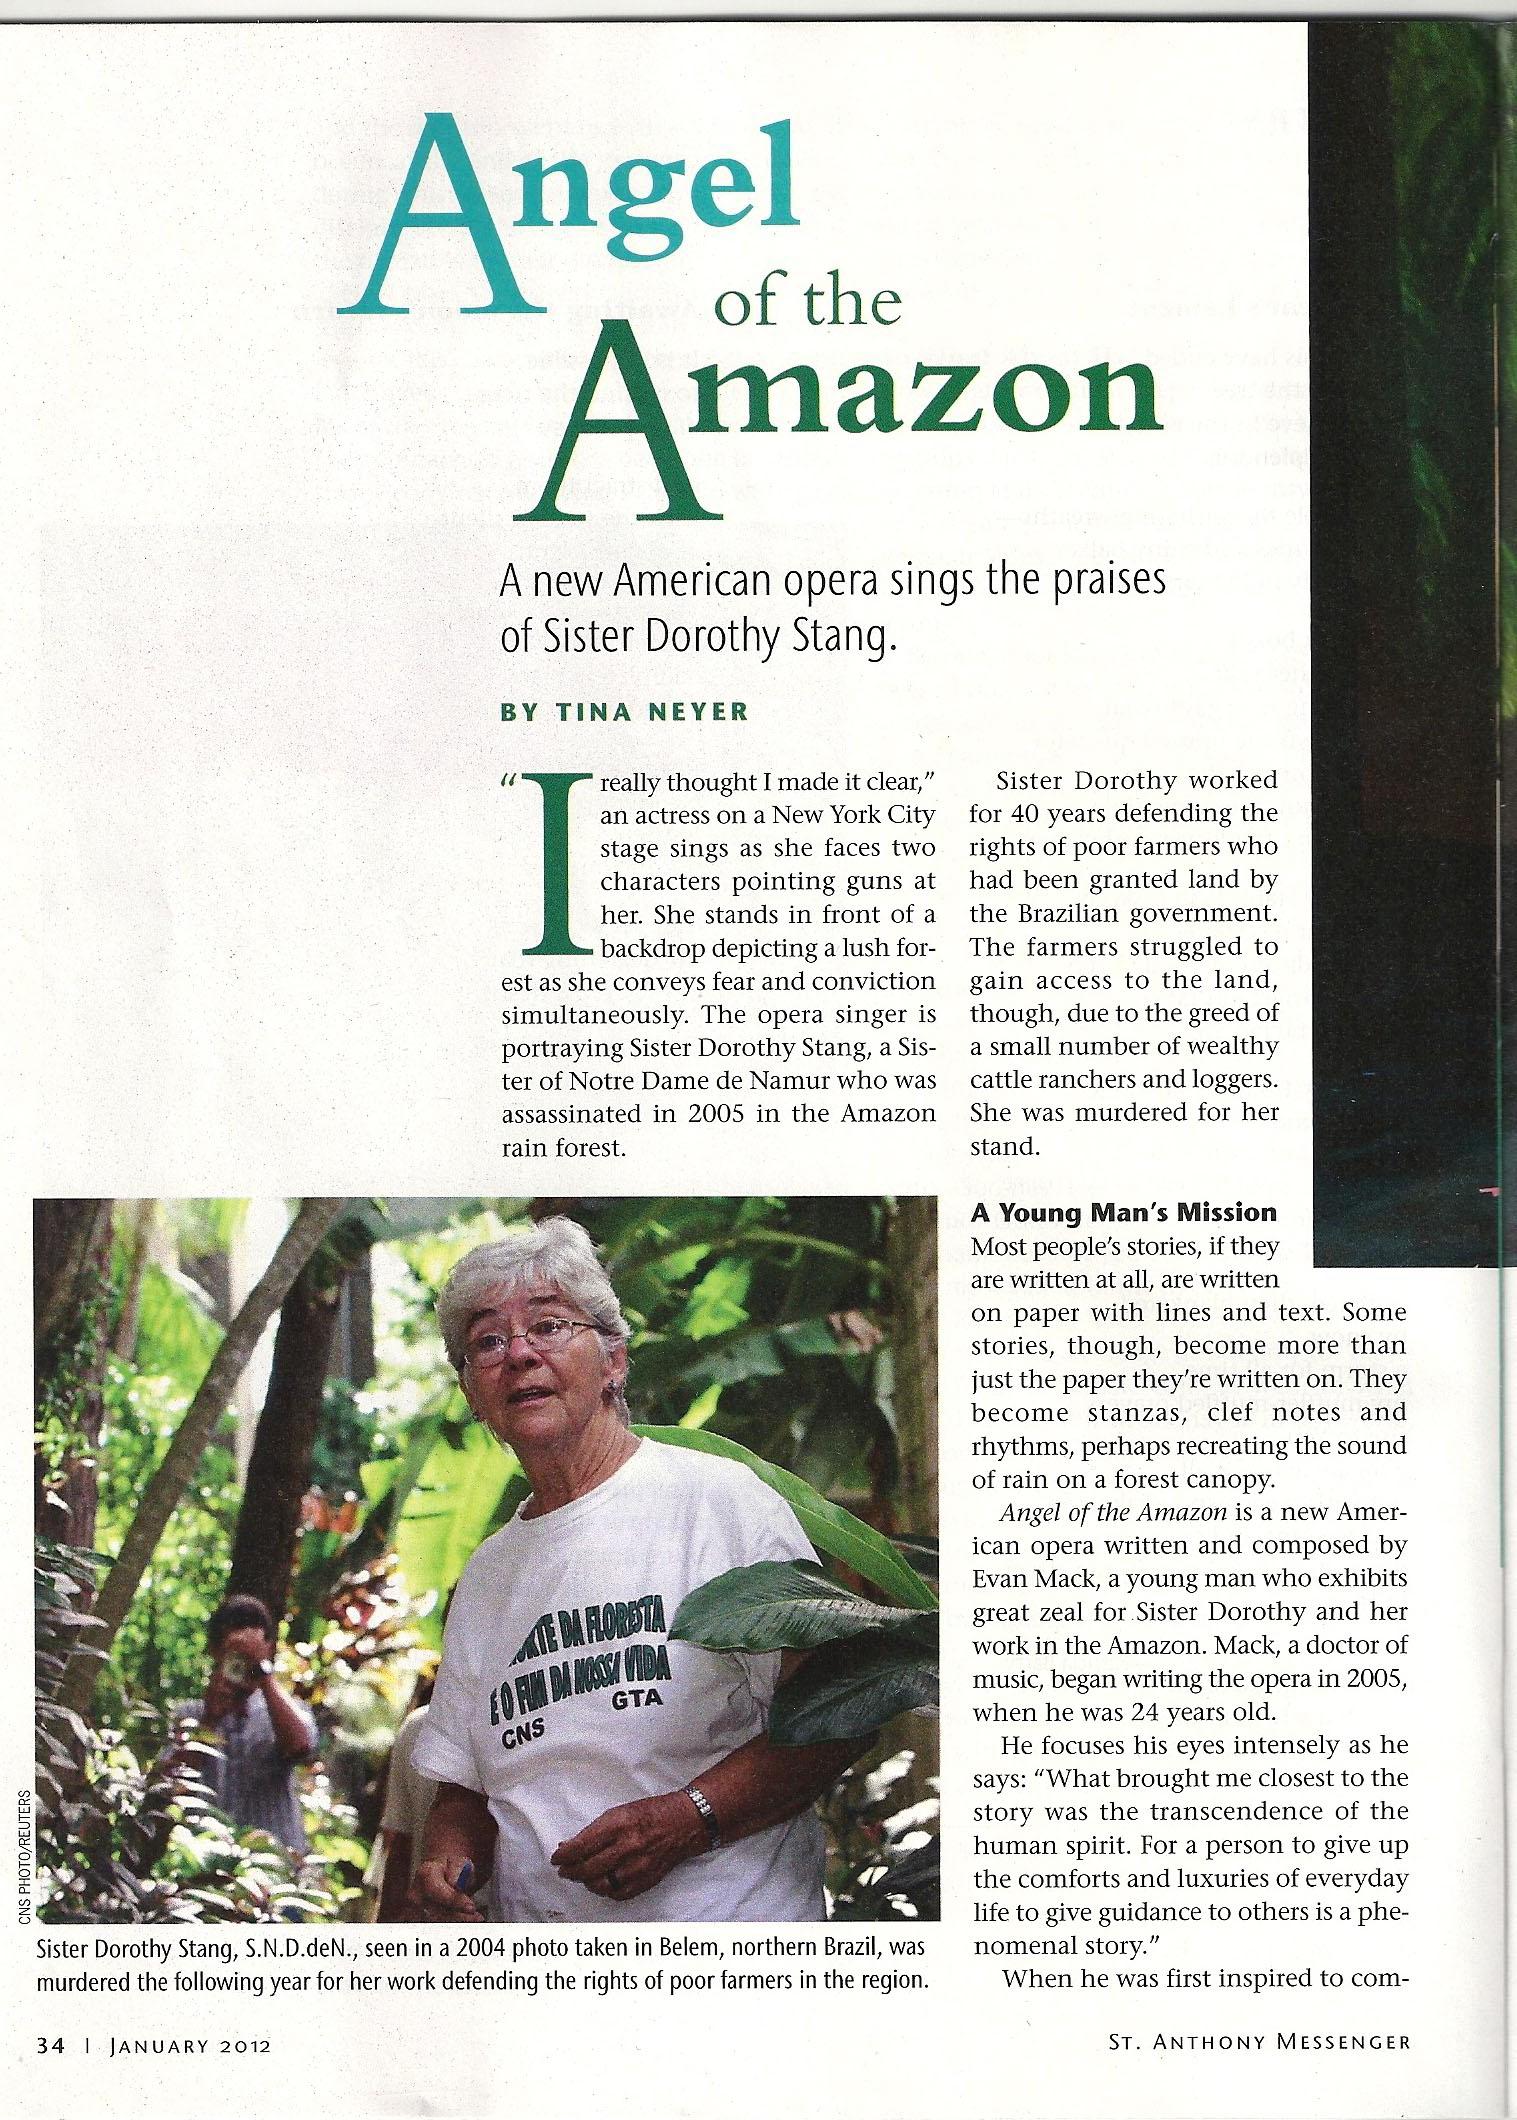 Angel of the Amazon 1.jpg